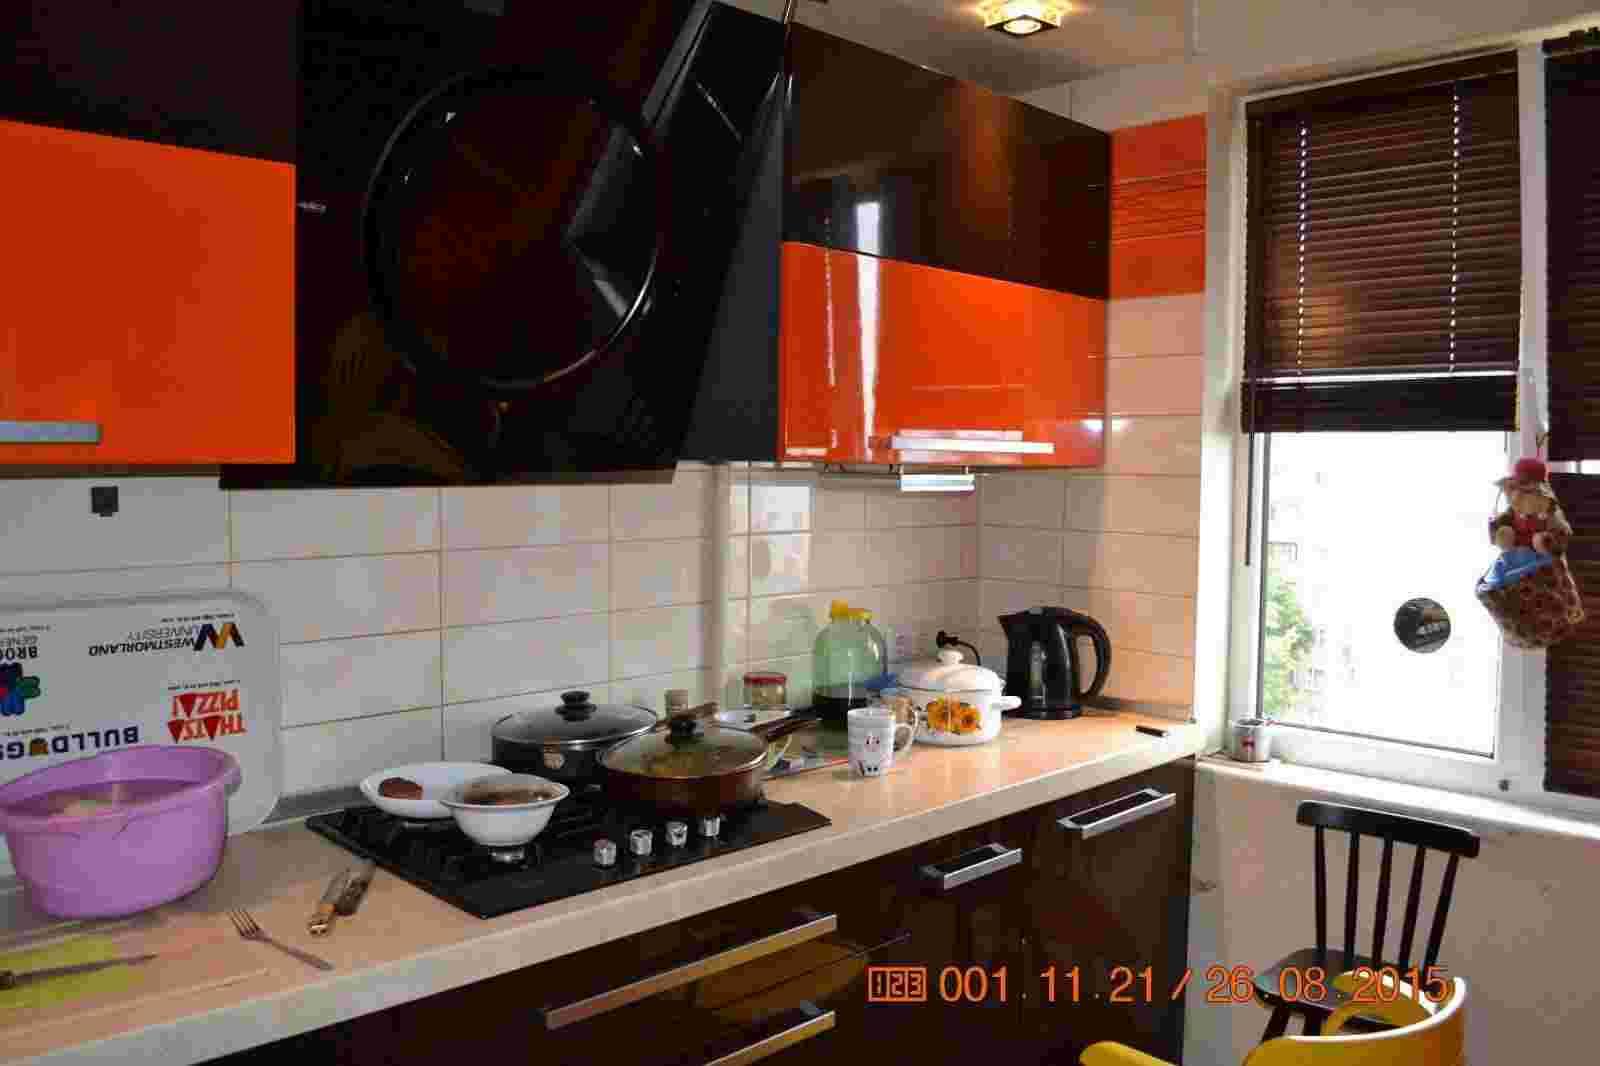 Продажа комнаты в 4-х комнатной квартире, г. Минск, ул. Кижеватова, дом 64, р-н Кижеватова, Асаналиева